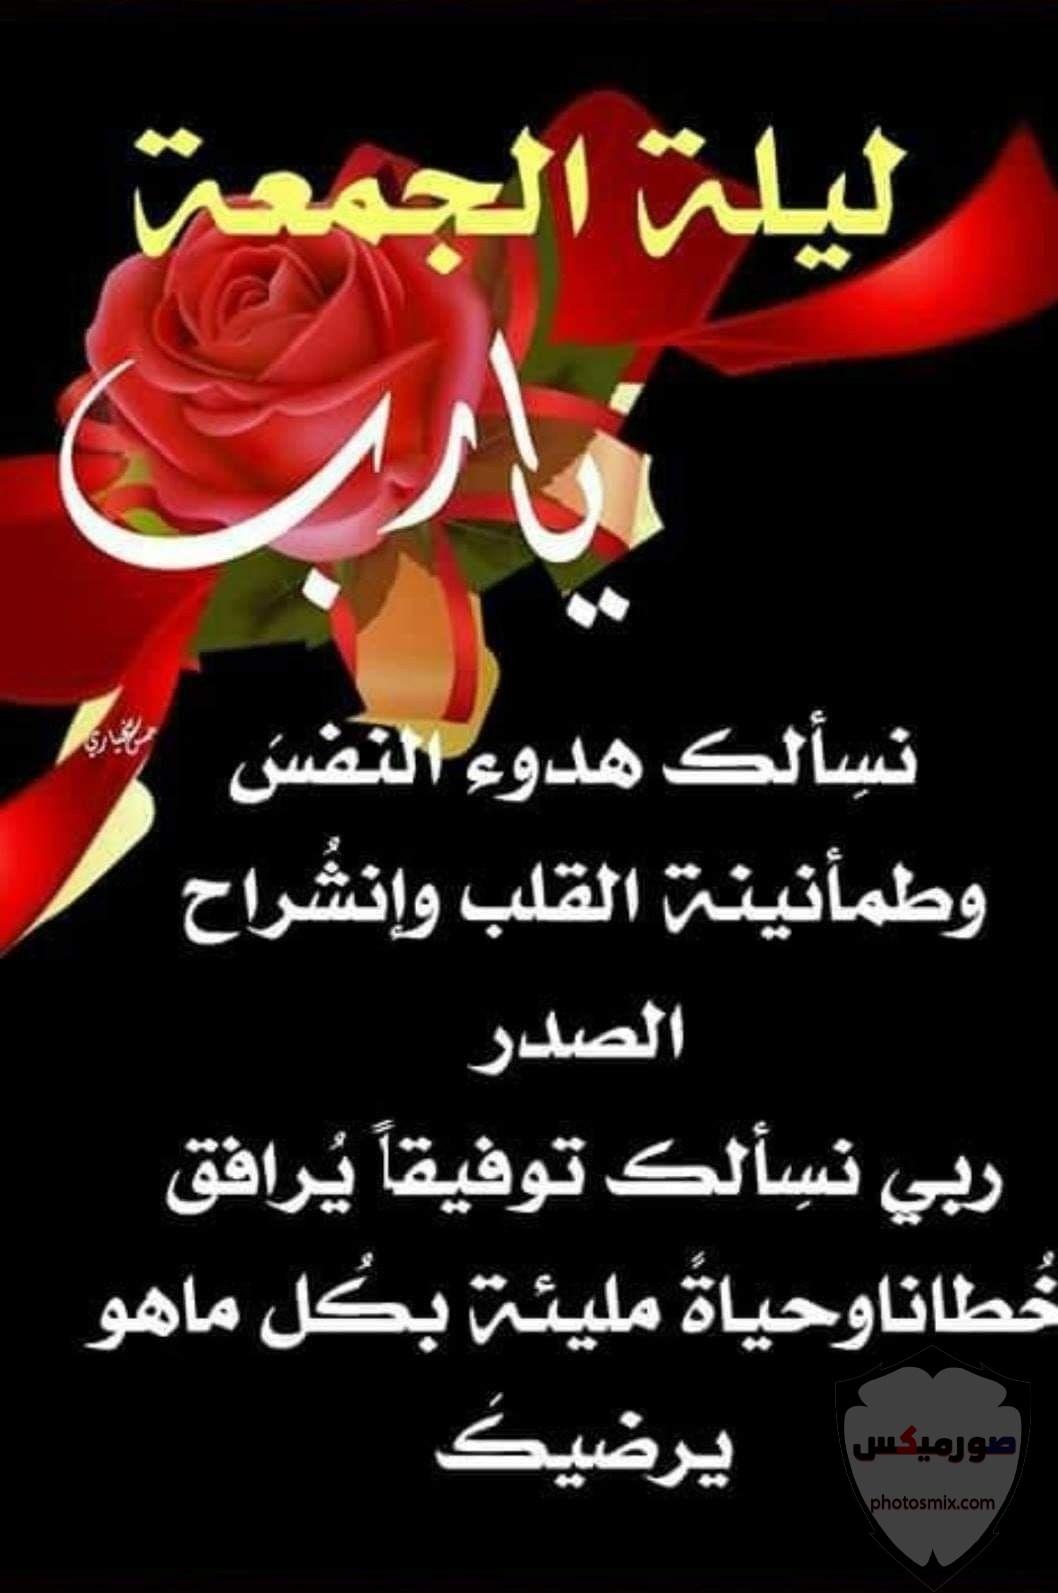 جمعة مباركة صور جمعة مباركه 2020 ادعية يوم الجمعه مصورة مكتوب عليها جمعة مباركة 56